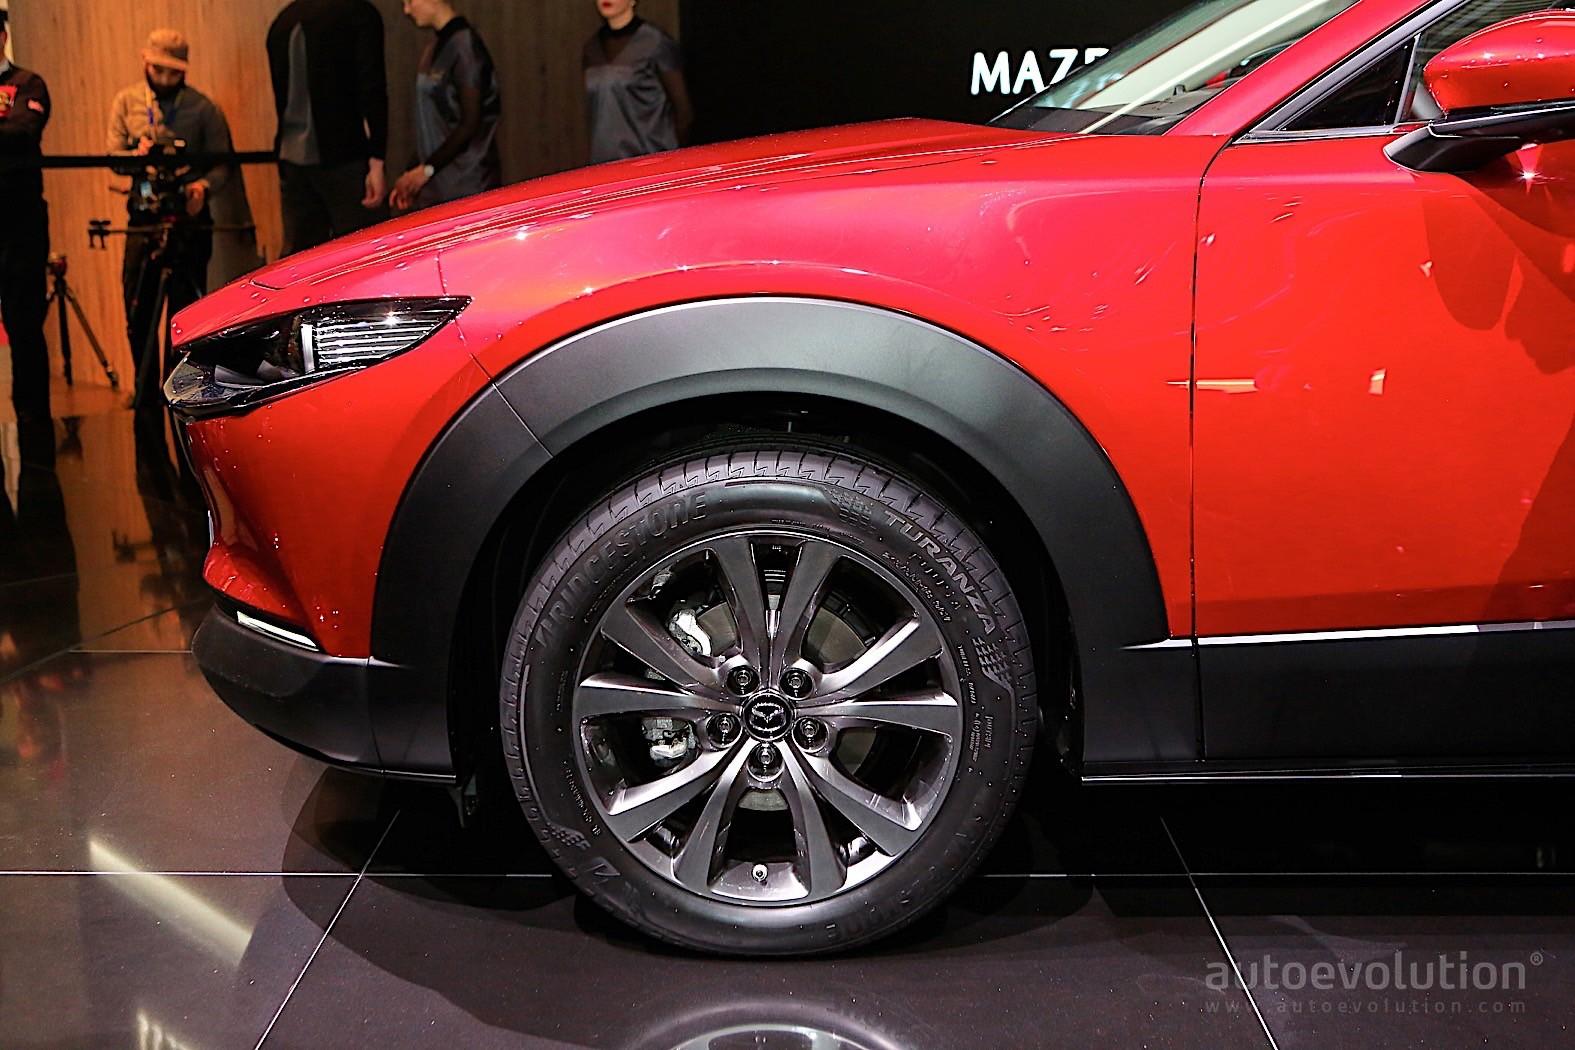 2020 Mazda CX-30 Crossover Fills Gaps in Geneva ...